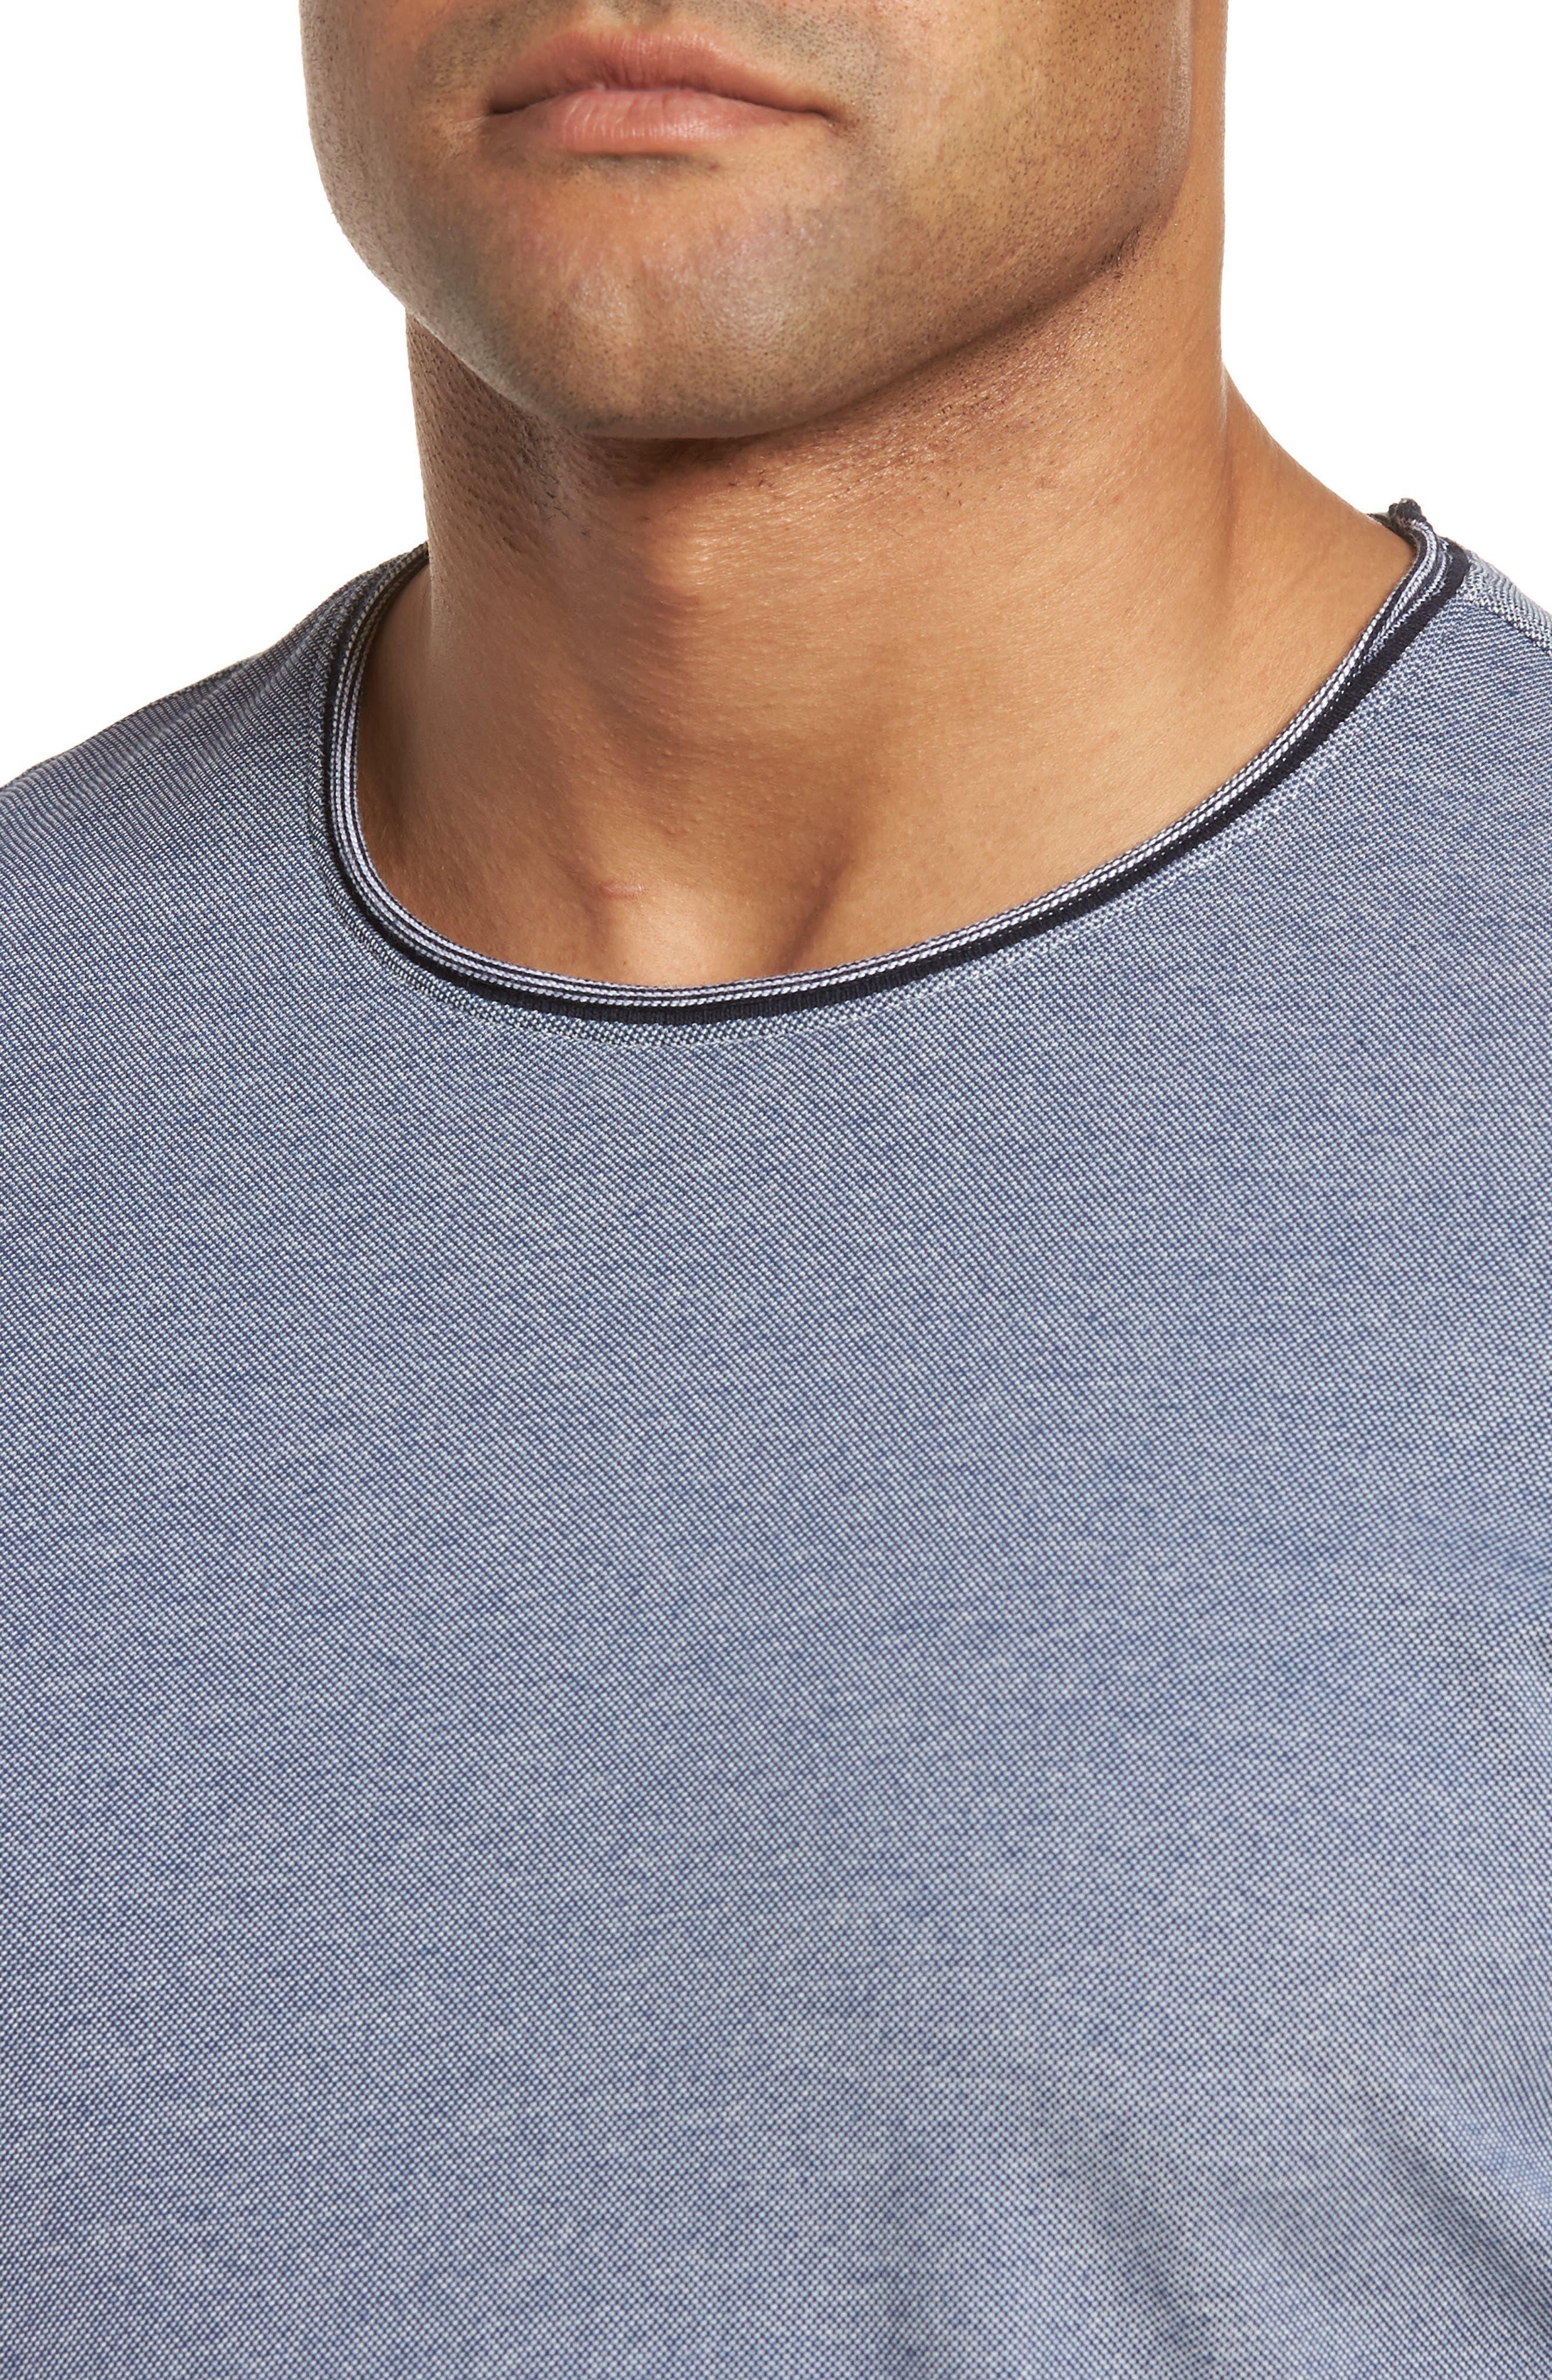 Grand Forks T-Shirt,                             Alternate thumbnail 4, color,                             Navy